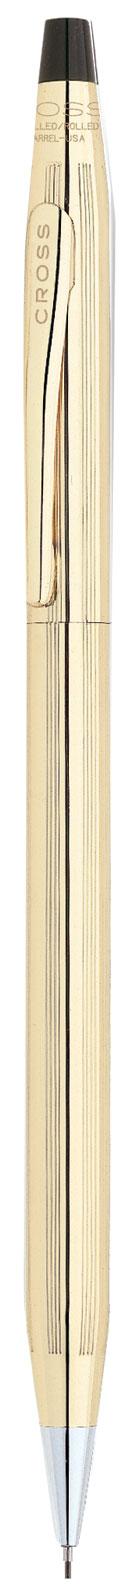 Century Classic 450305